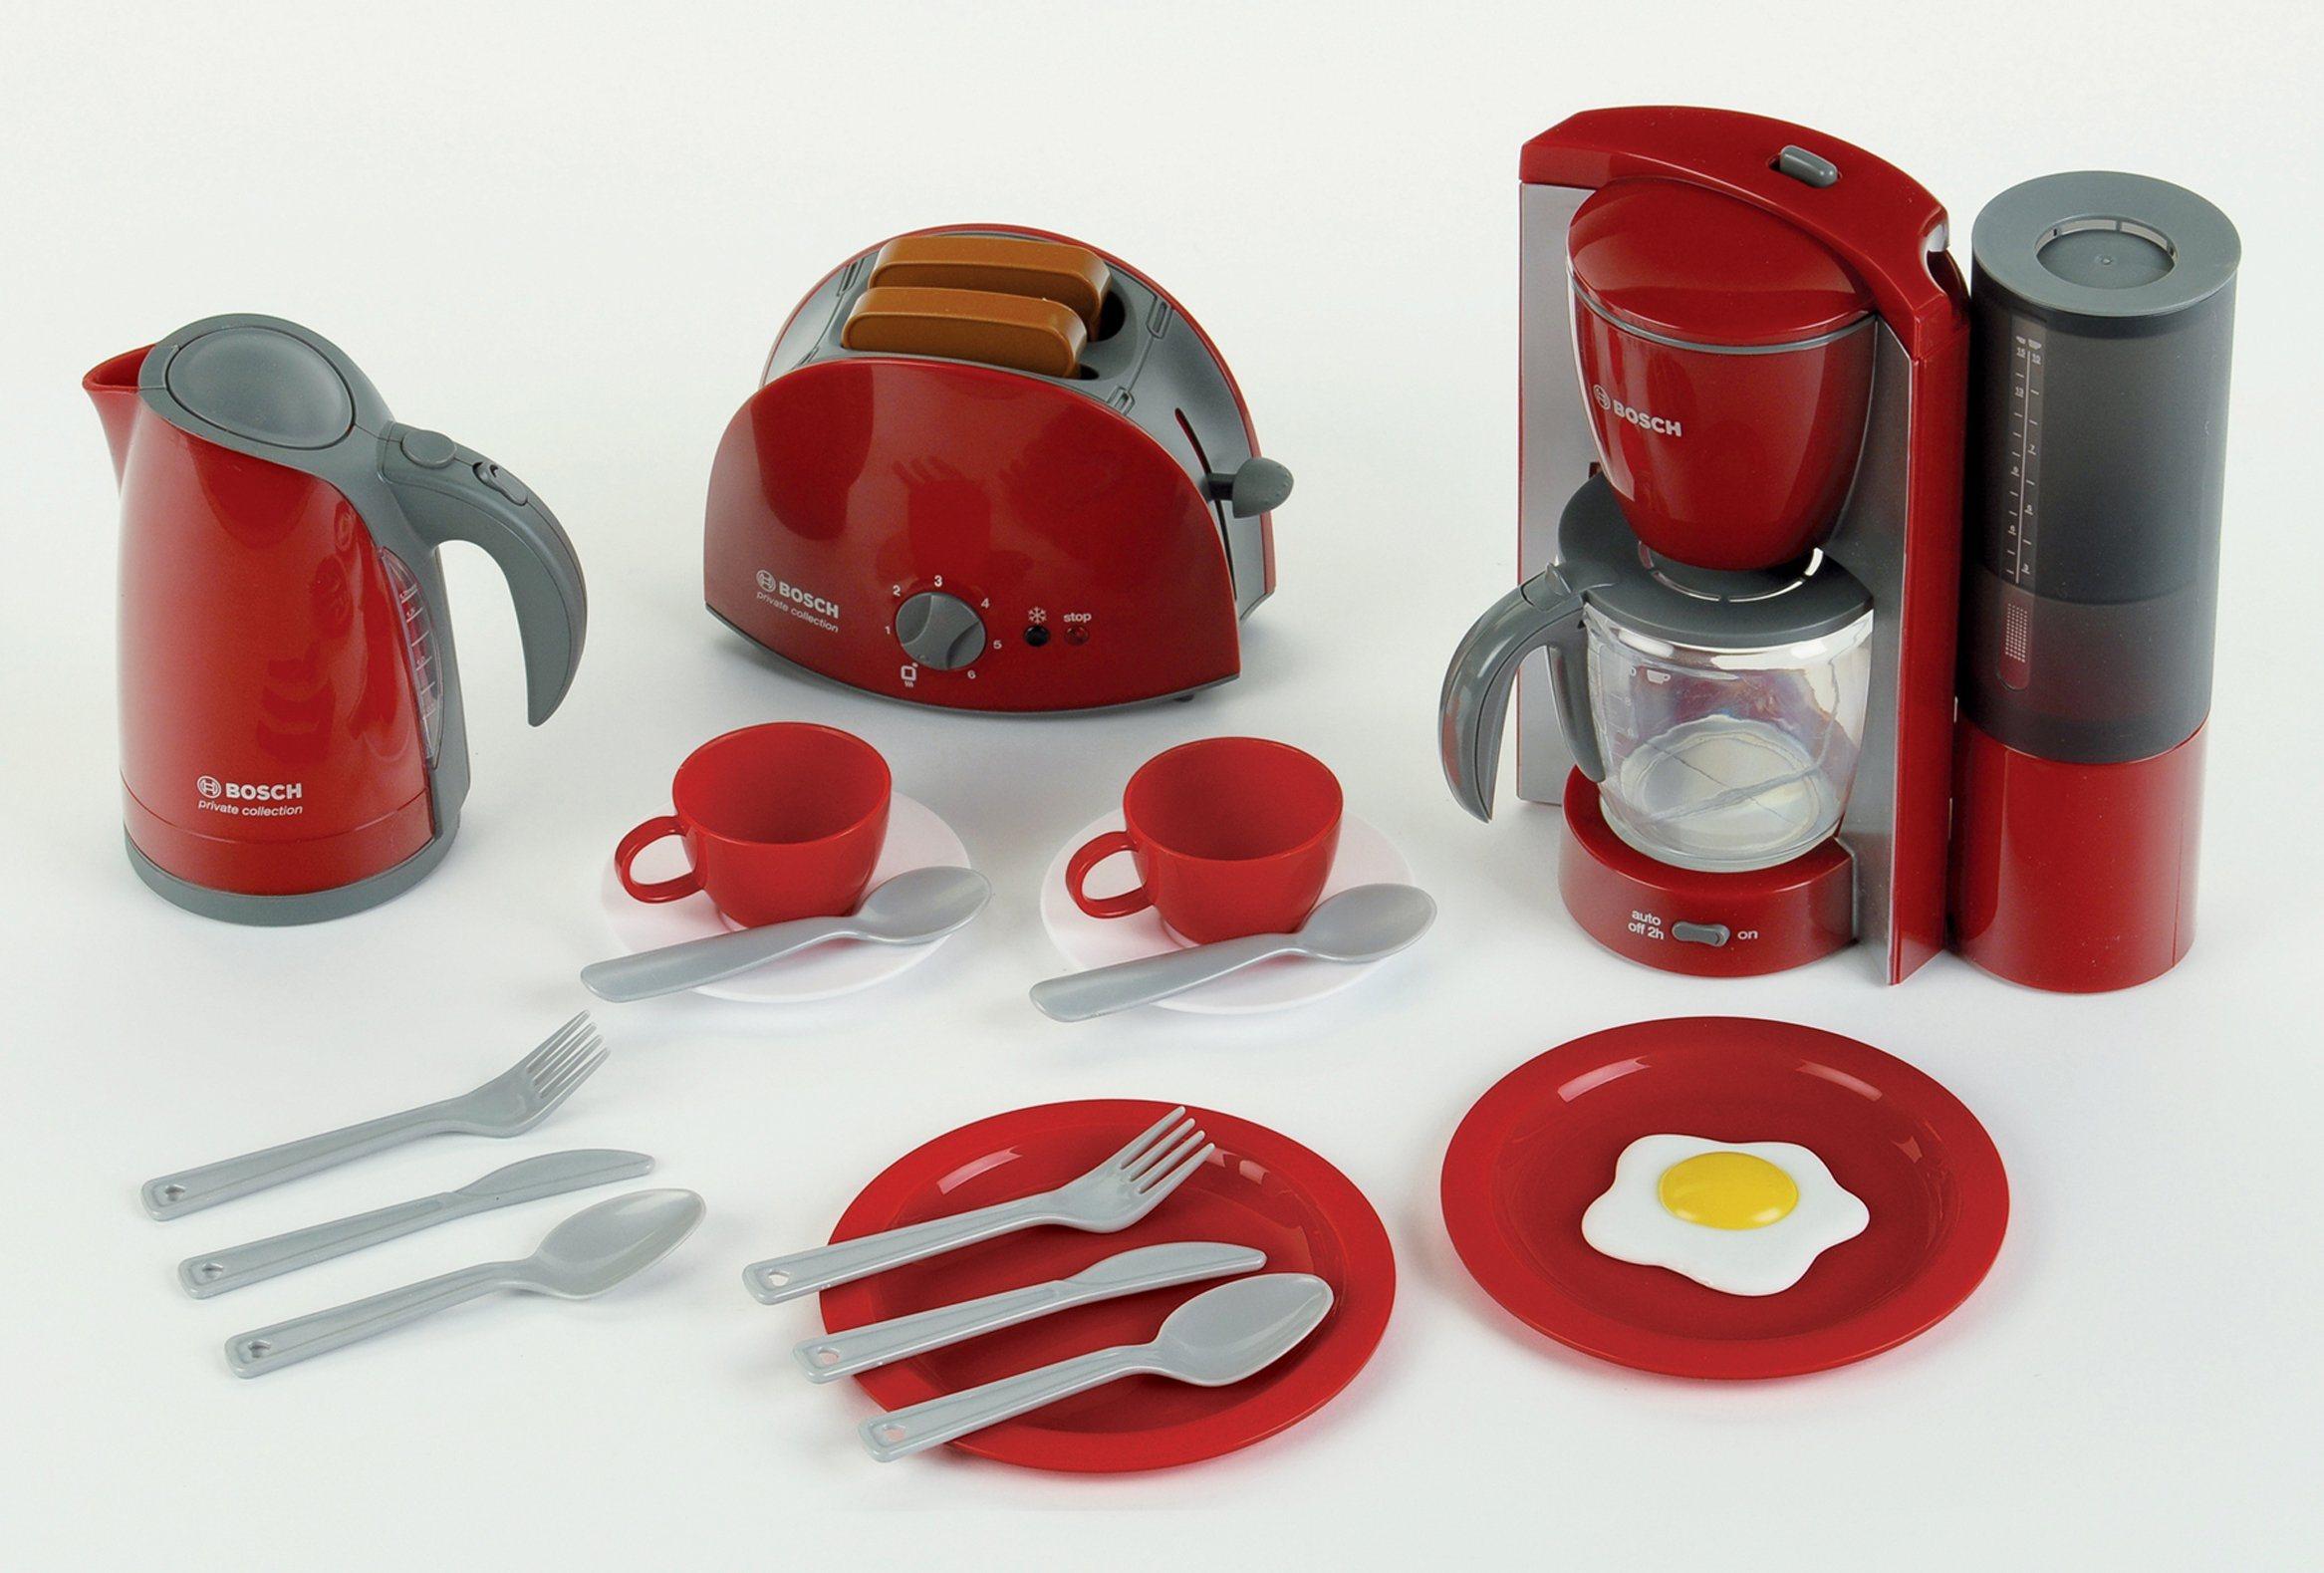 Spielküchen Set besteht aus Spielwasserkocher, -toaster, -kaffeemaschine, »Bosch Frühstückset«